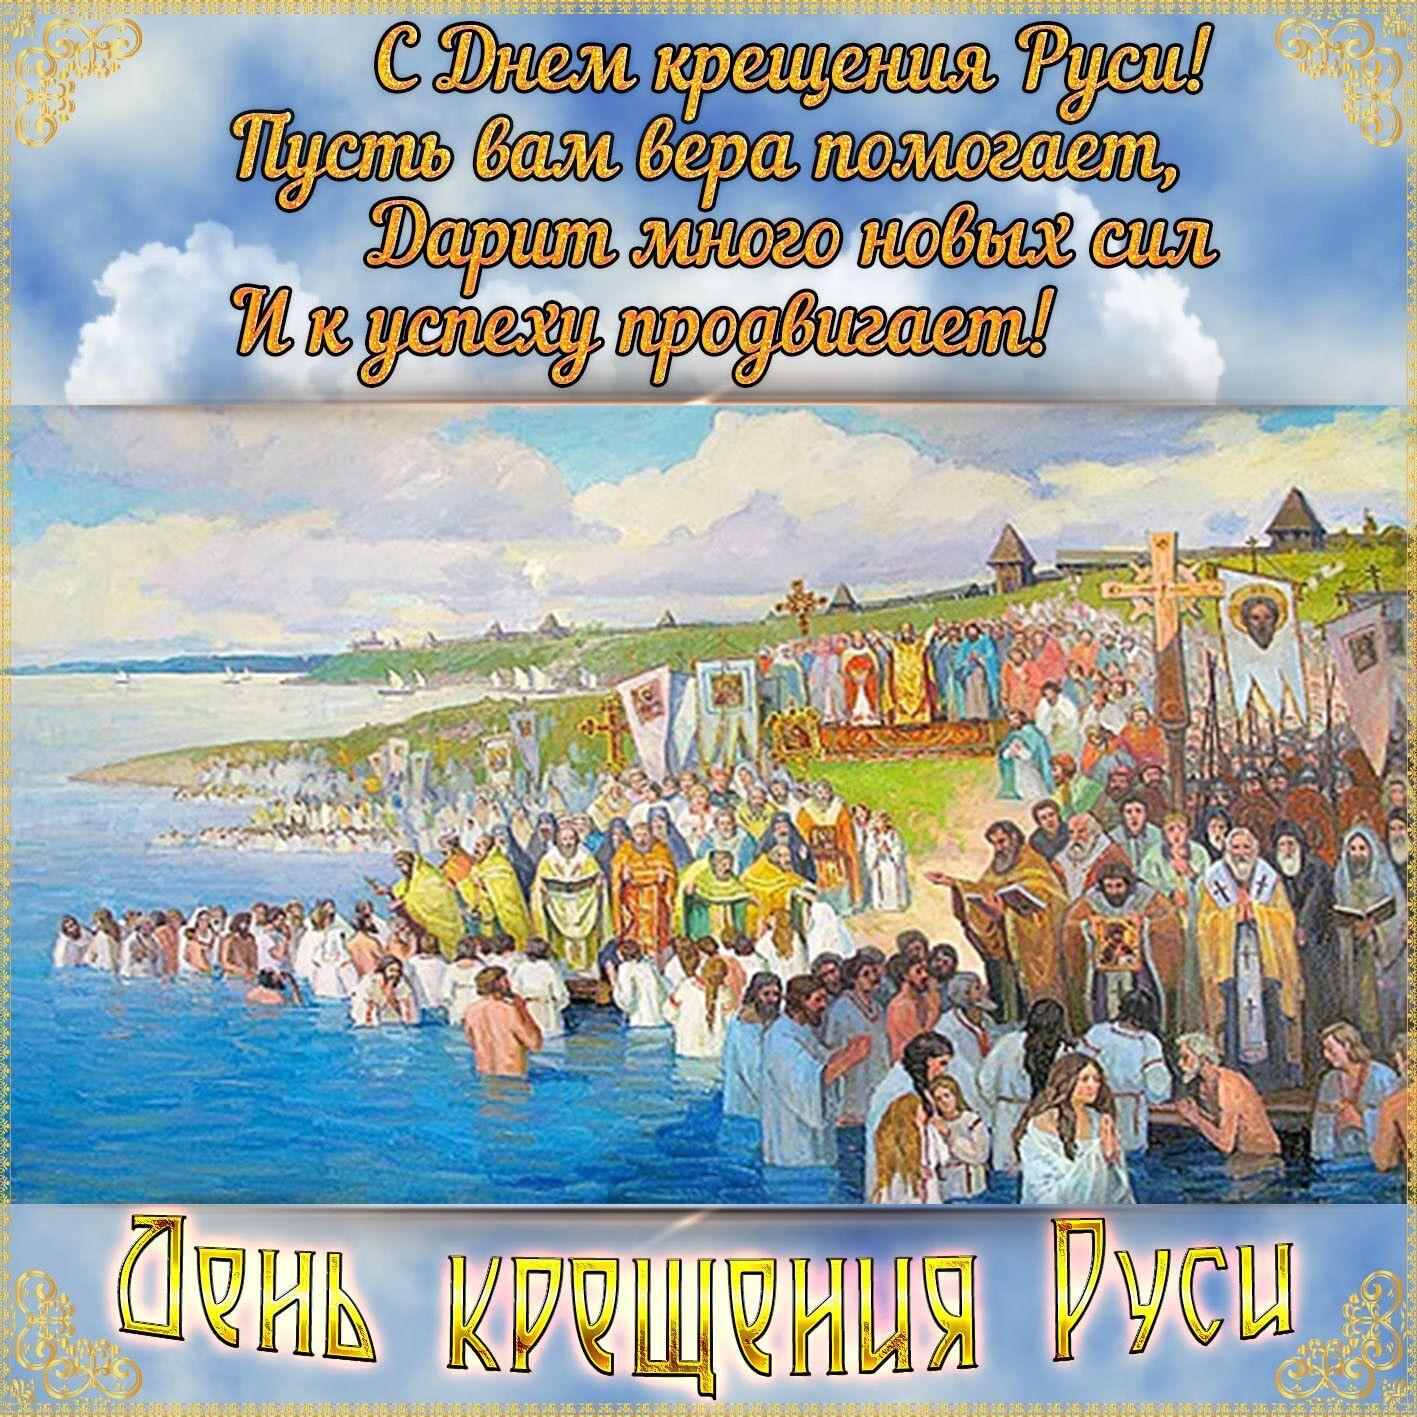 Поздравление с Днем крещения Киевской Руси